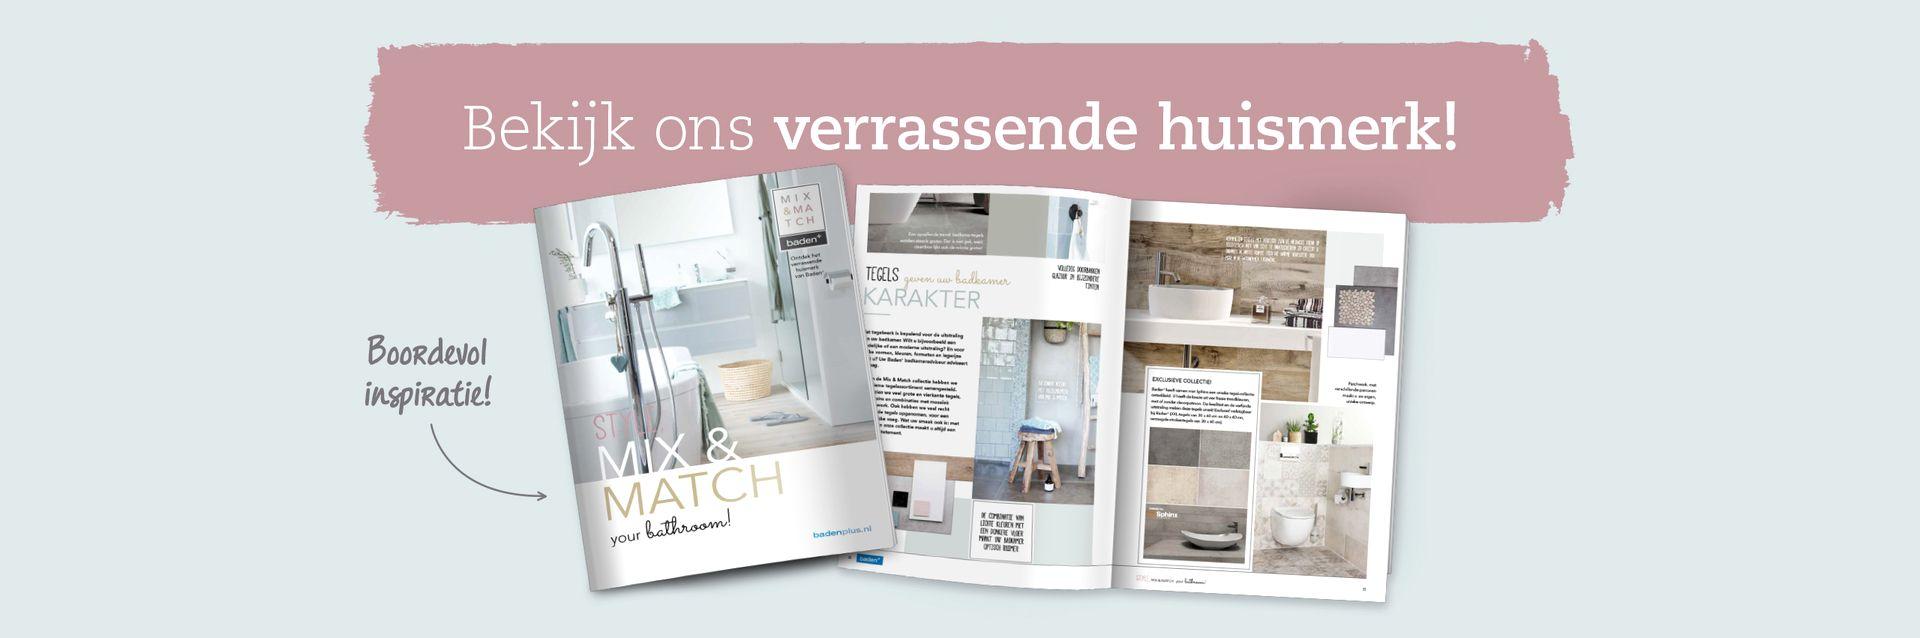 Mix & Match huismerkbrochure - Baden+ specialist in complete badkamers